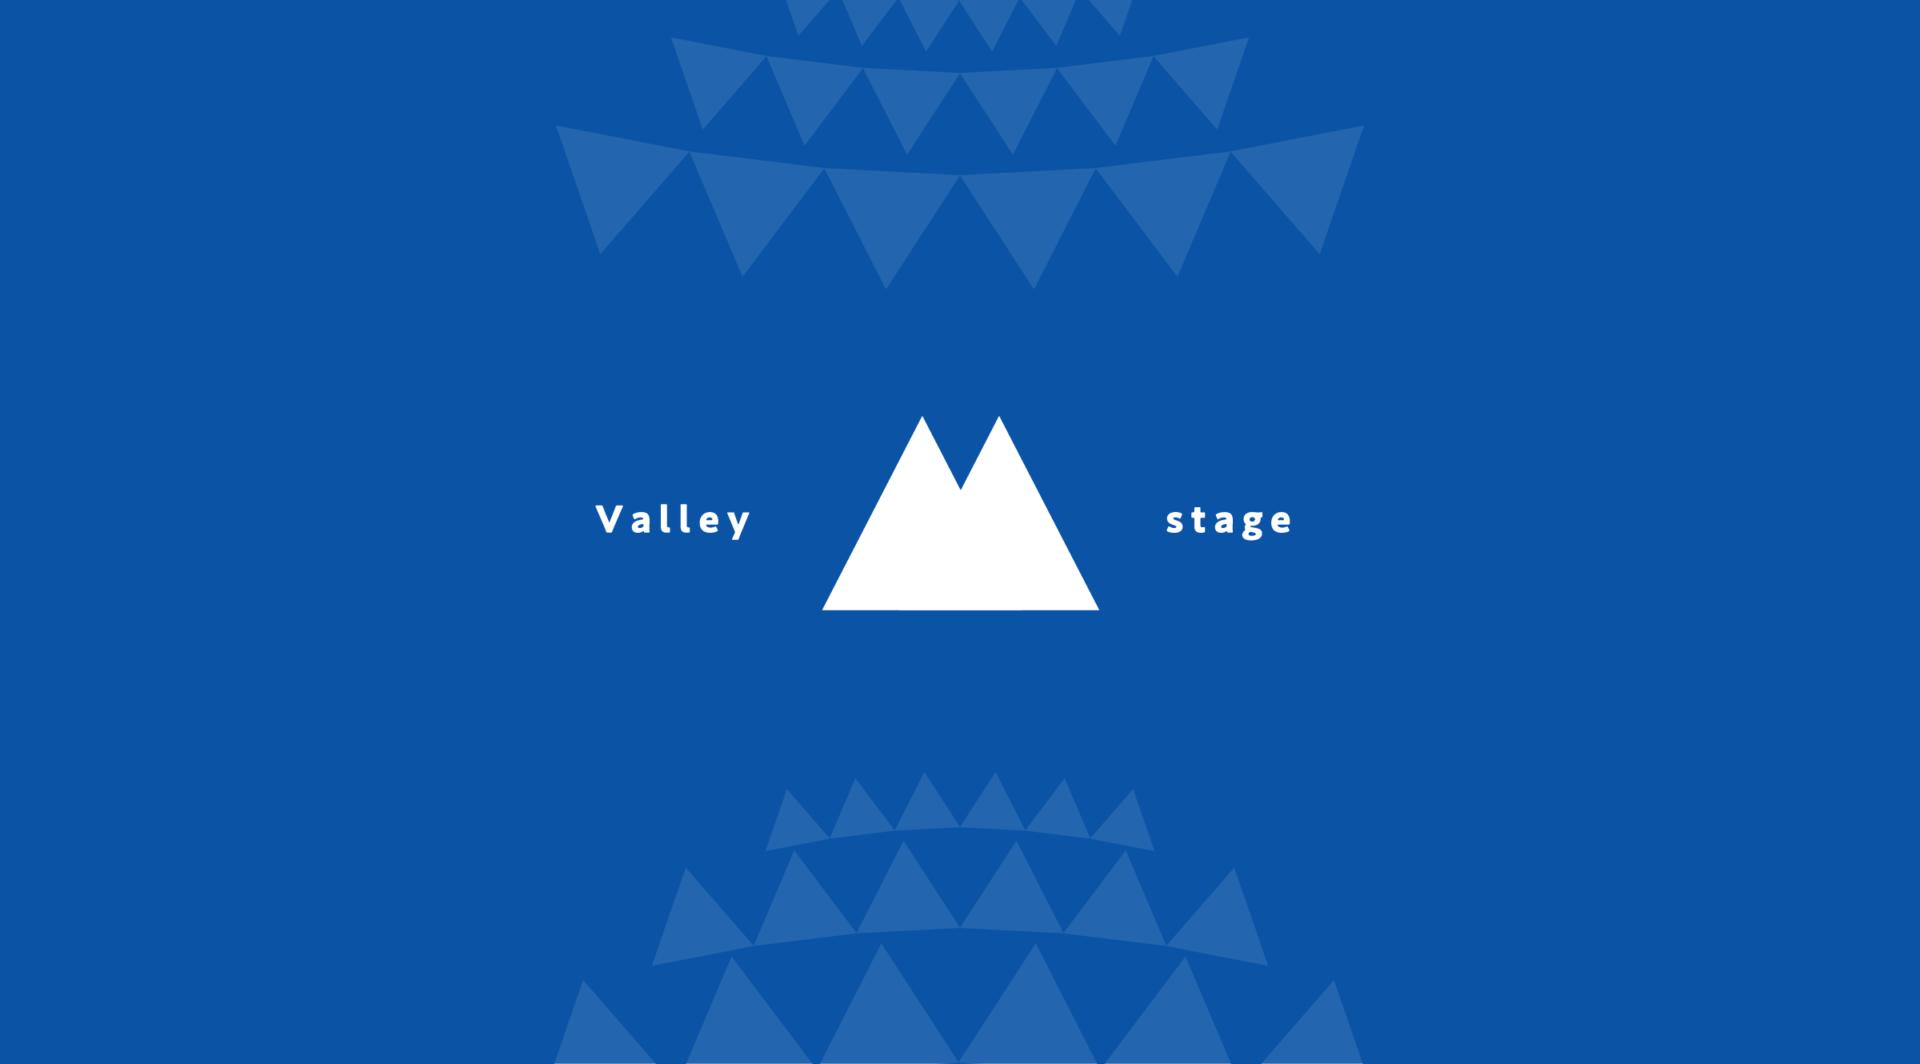 渓谷ステージを表すアイキャッチ画像